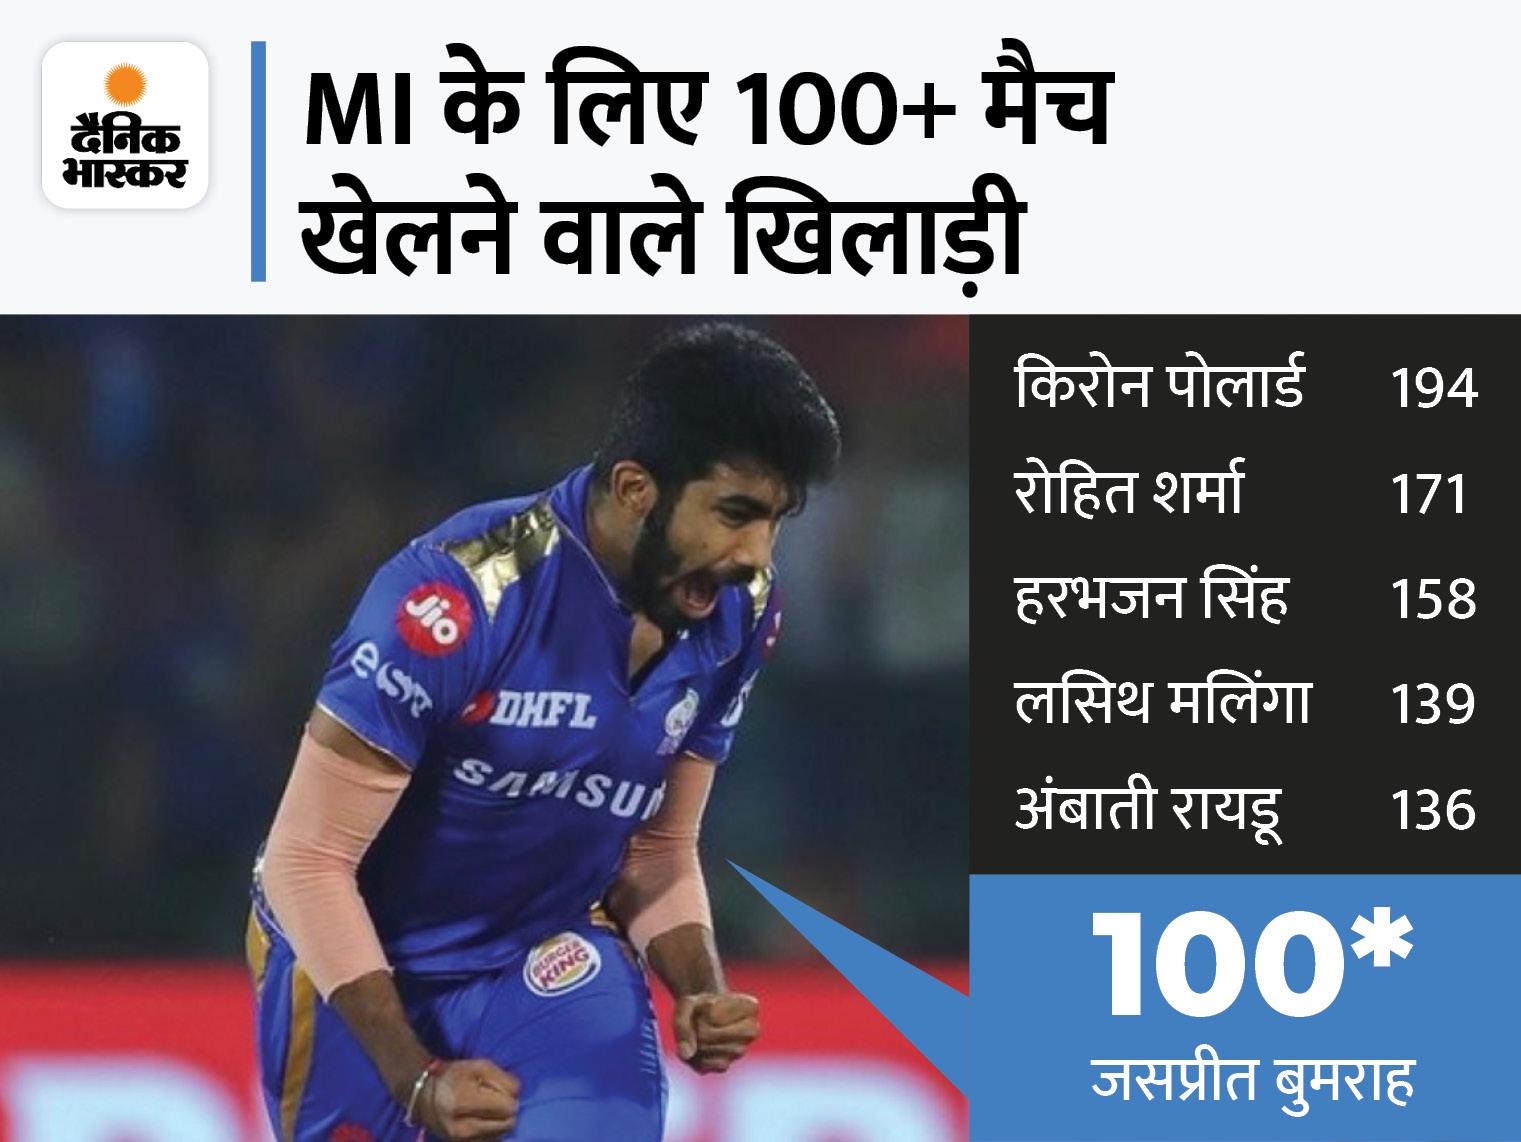 ये आंकड़े IPL और चैंपियंस लीग को मिलाकर है।